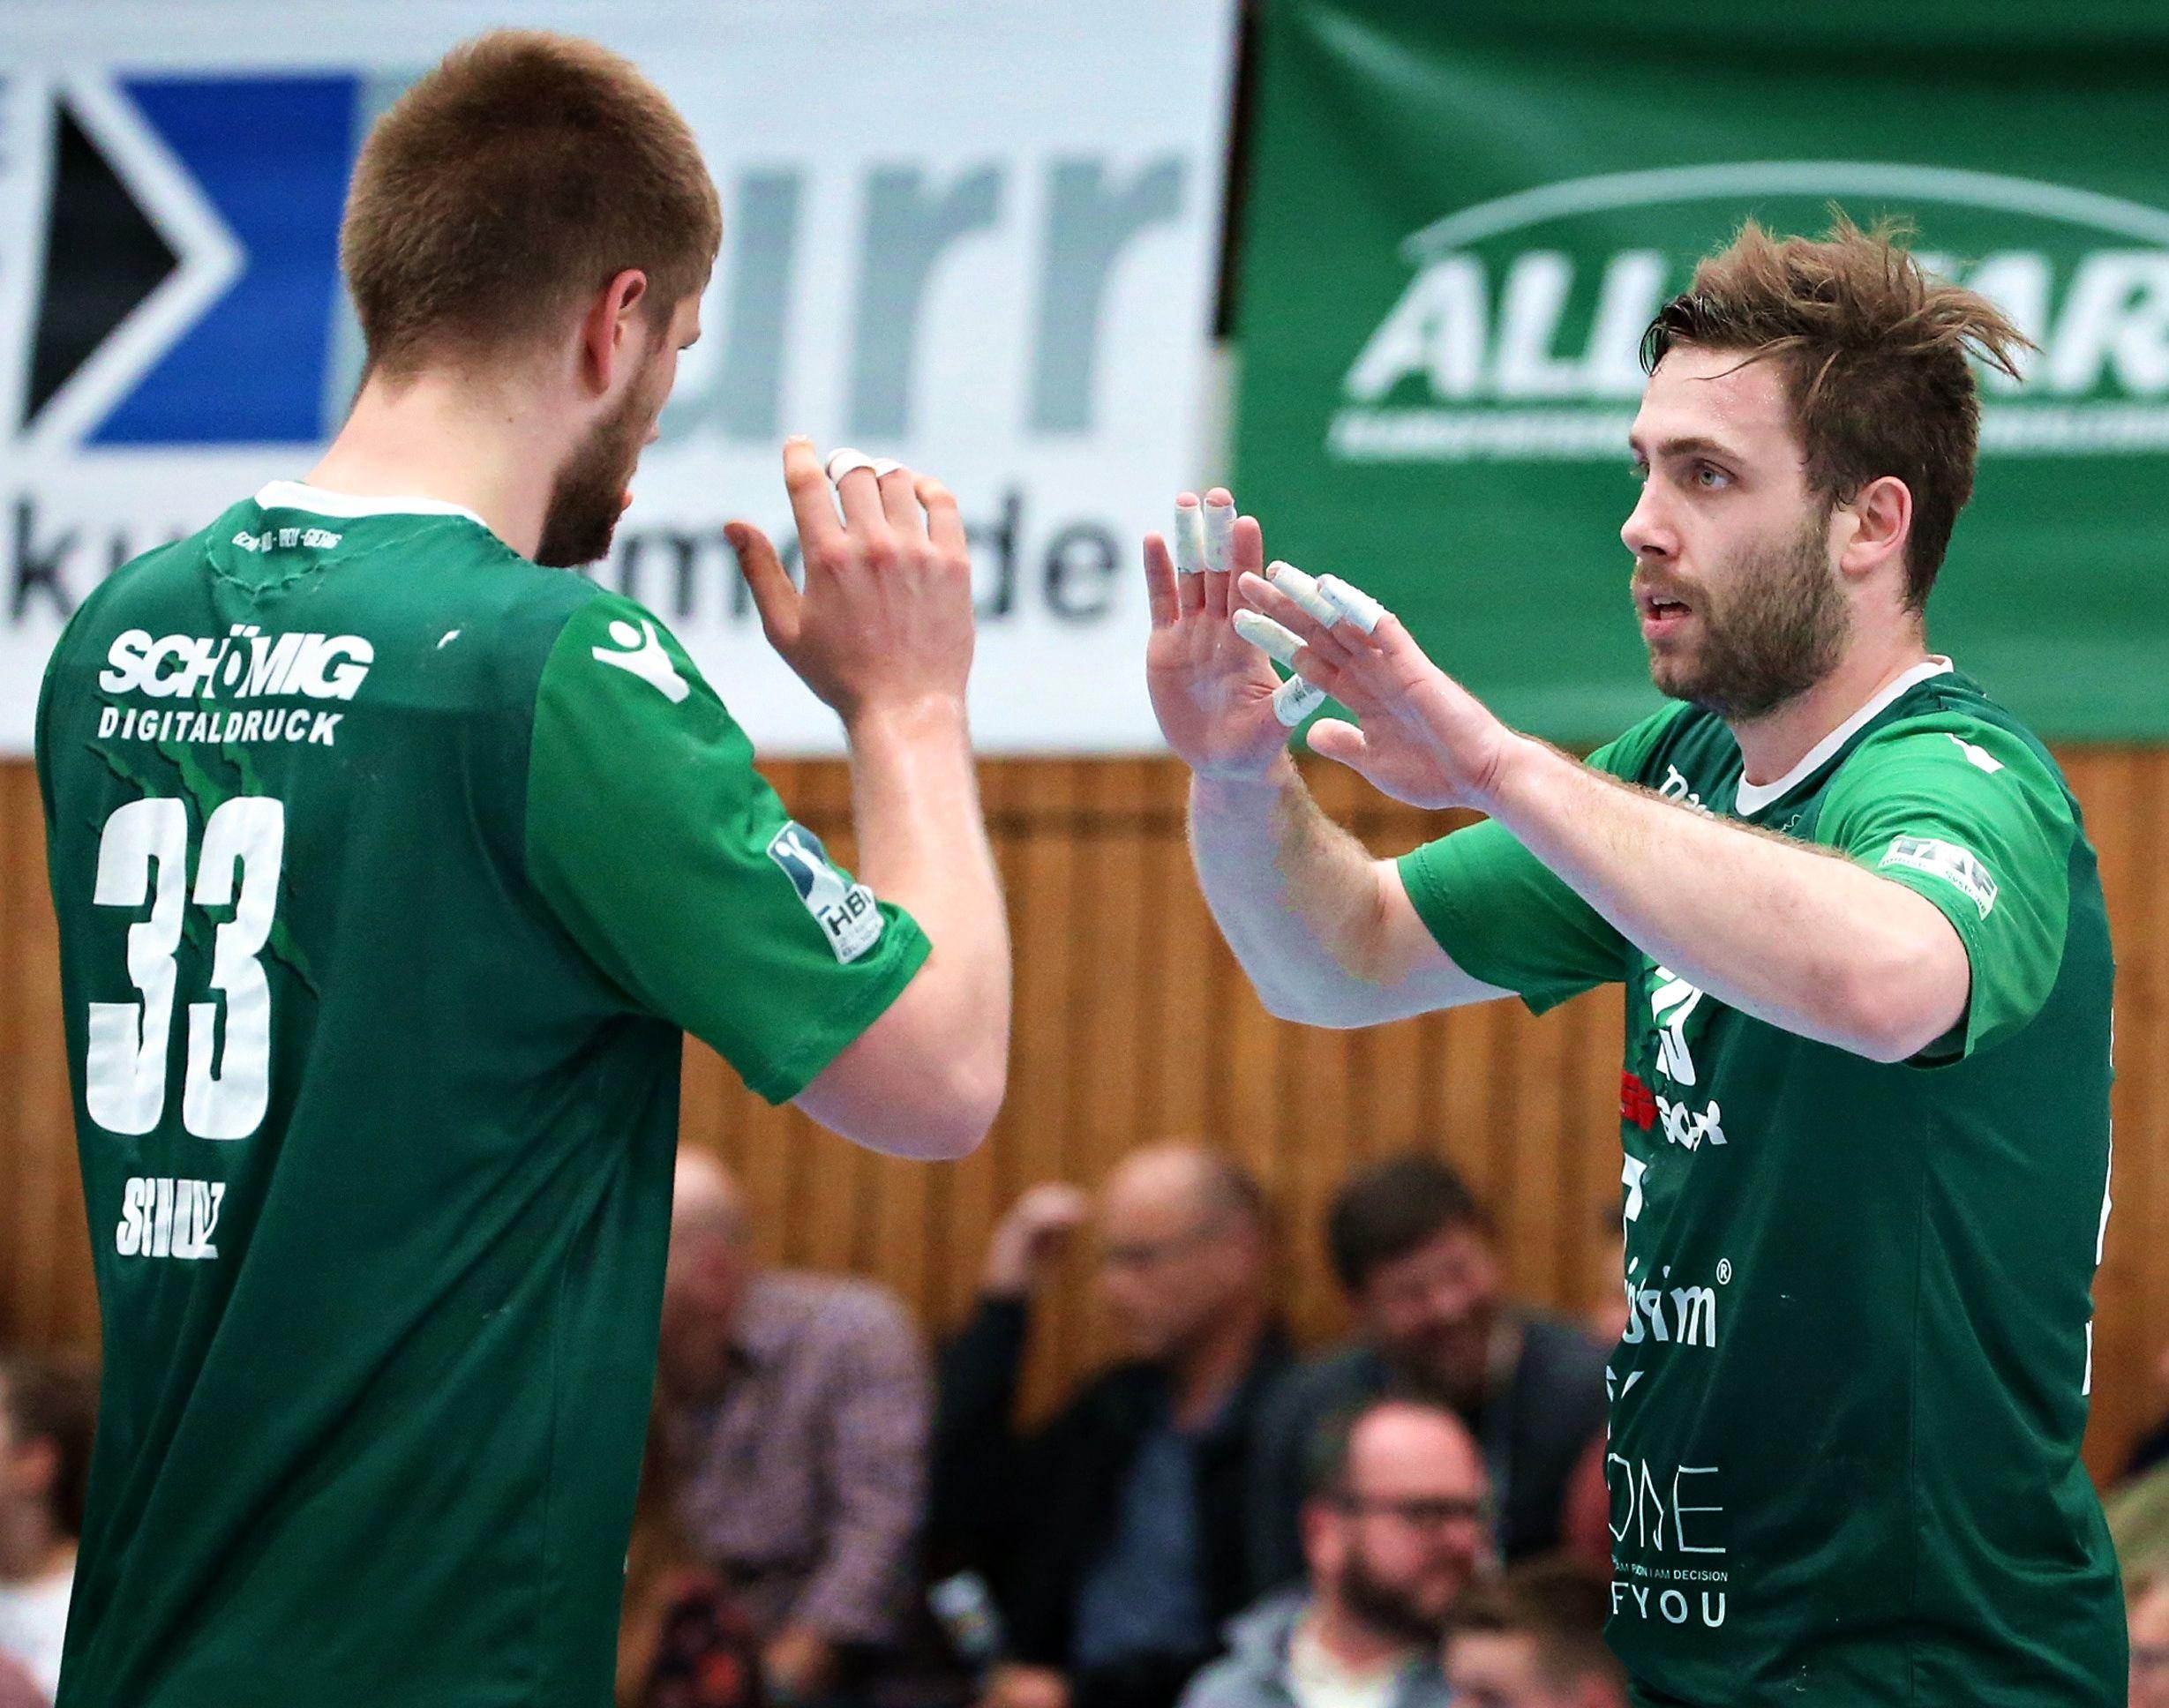 DKB 2. Handball-Bundesliga, DJK Rimpar Wölfe – Handball Sportverein Hamburg